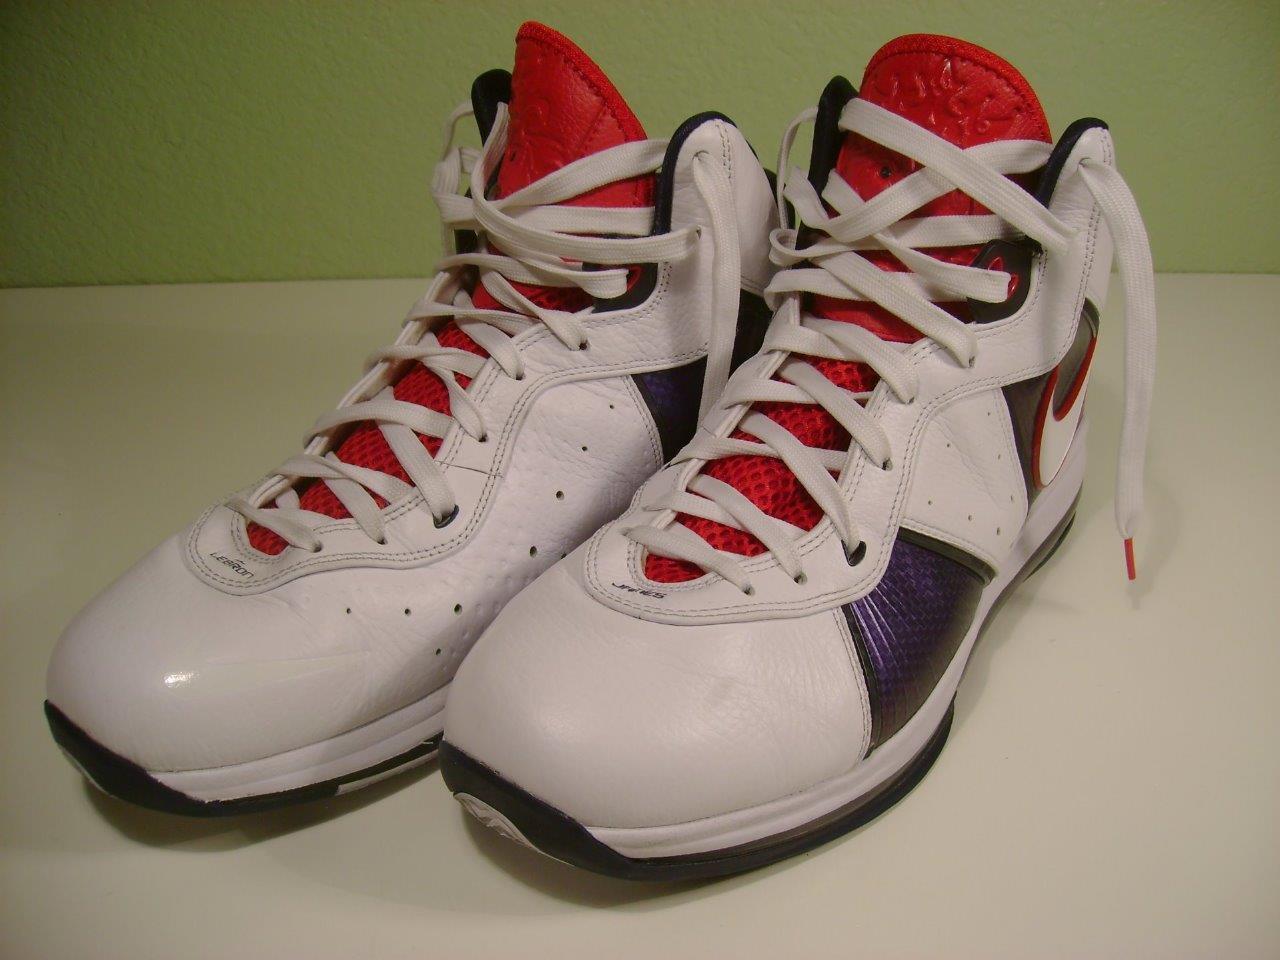 Gli uomini sono nike 828 il lebron james flywire 15 scarpe da basket sz: 15 flywire f7ad05